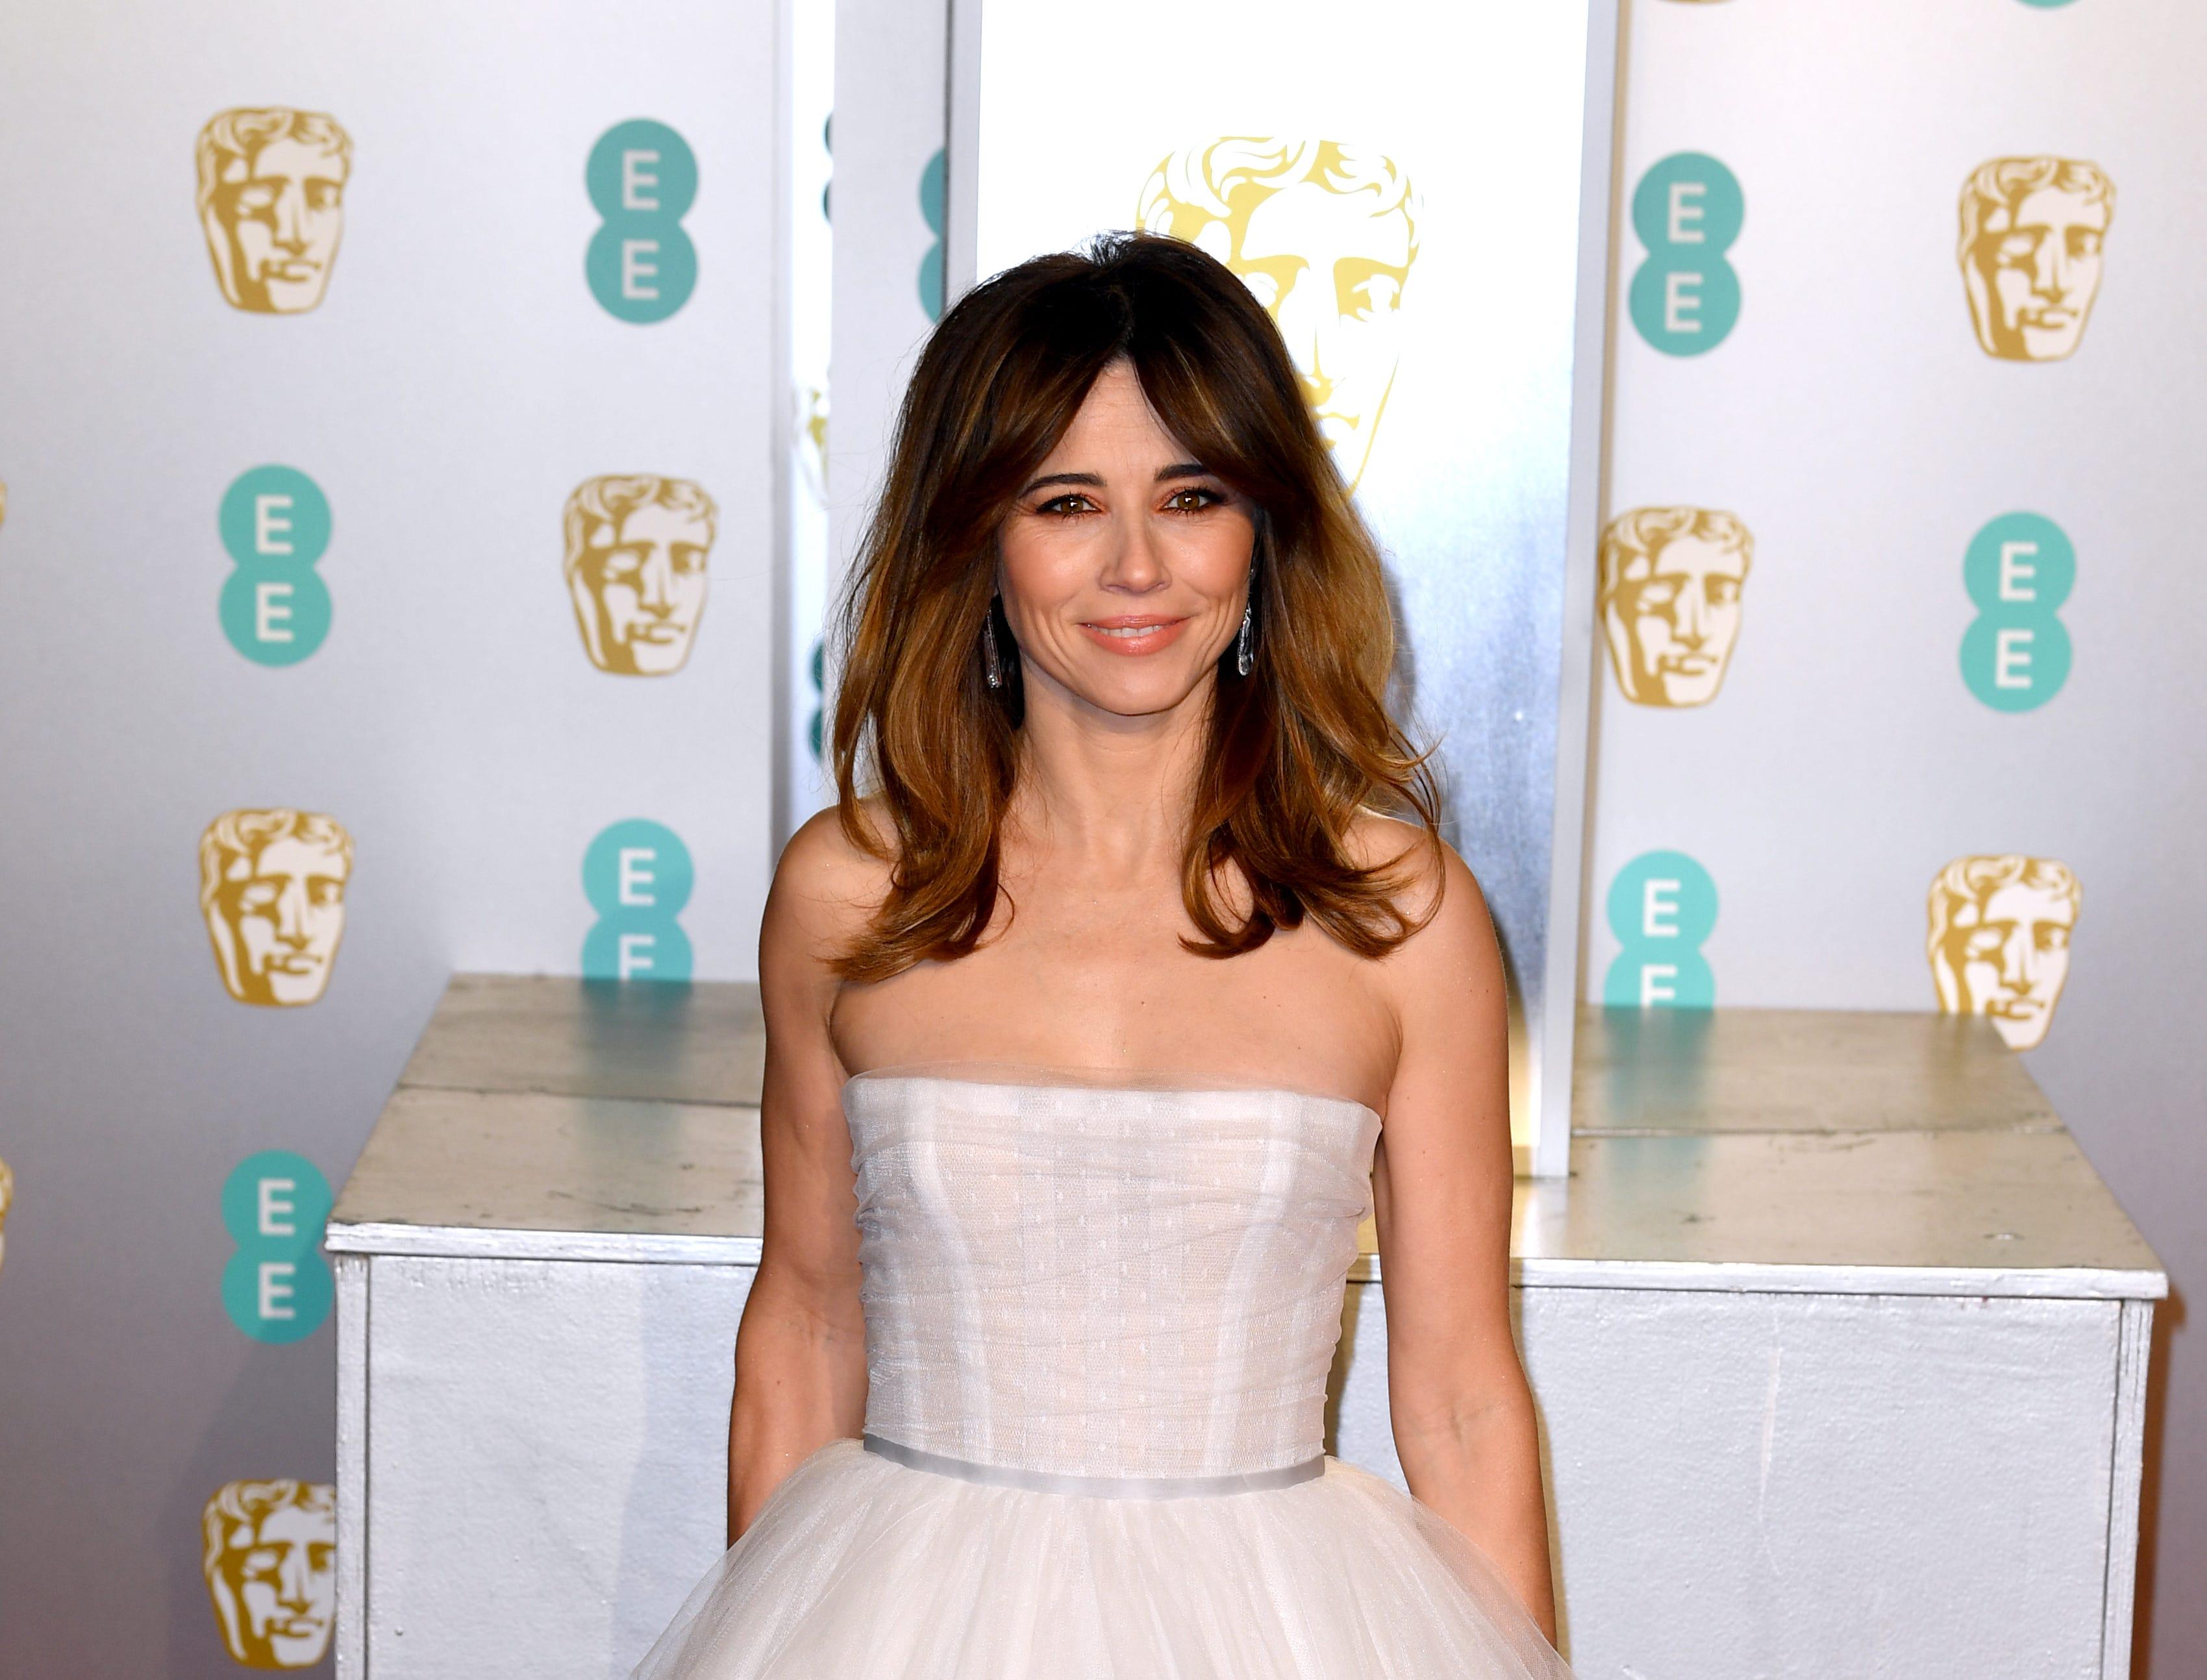 Linda Cardellini a su llegada a la alfombra roja de los Premios de la Academia Británica de Cine BAFTA en el Royal Albert Hall en Londres el 10 de febrero de 2019.